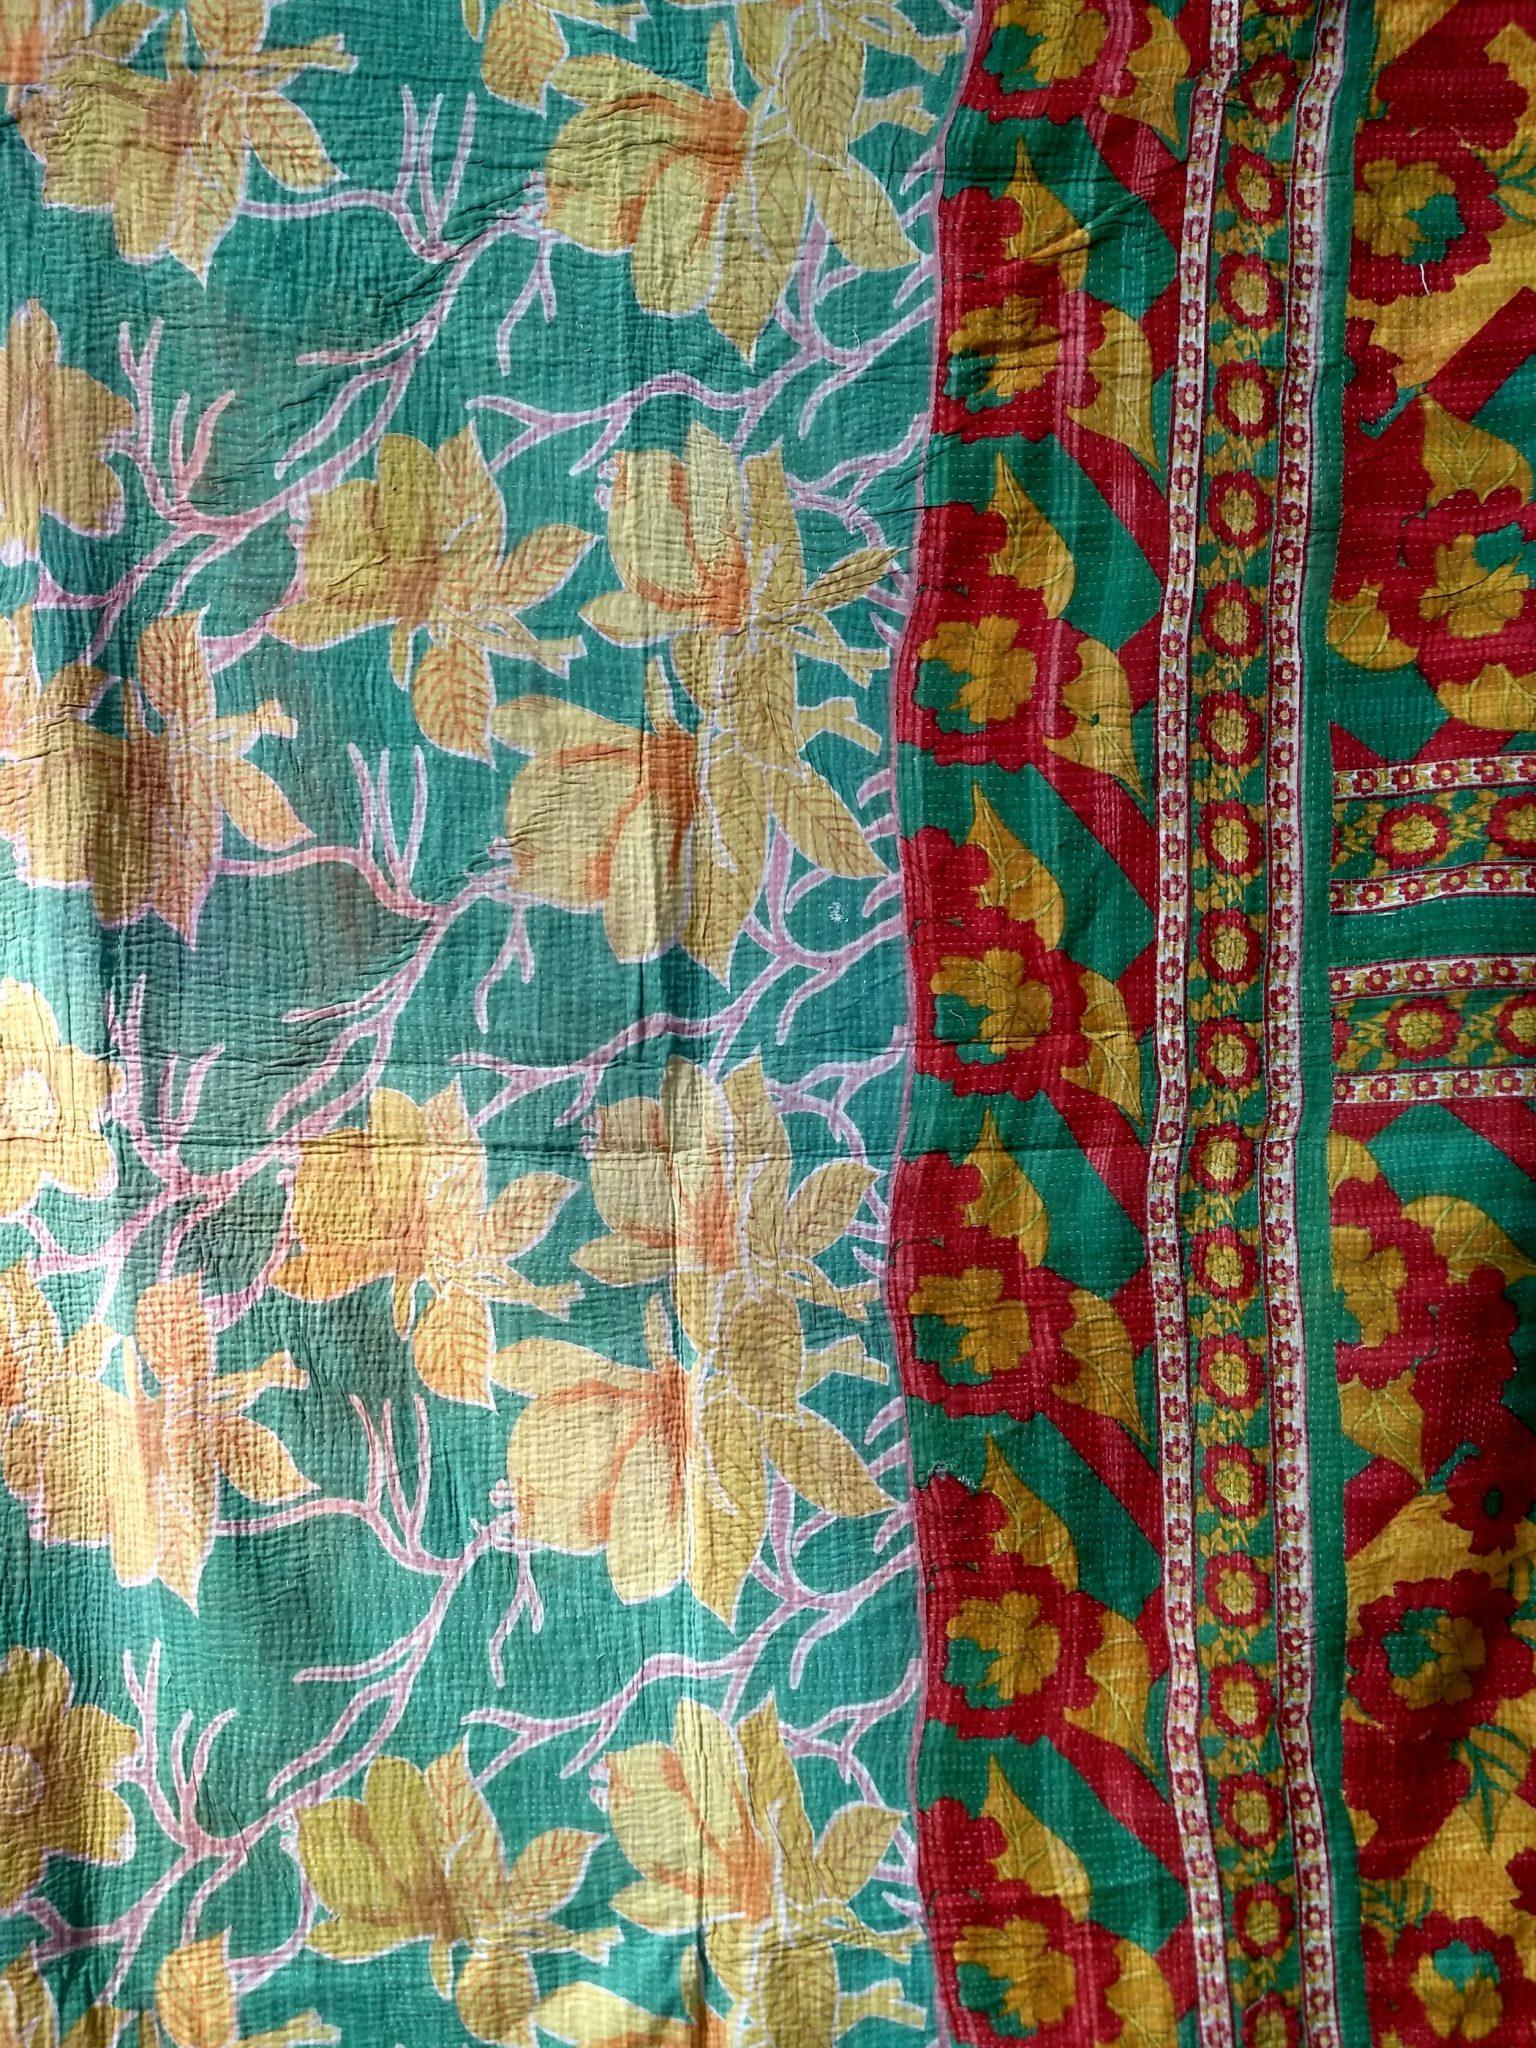 Summer Blossom Floral Kantha Quilt